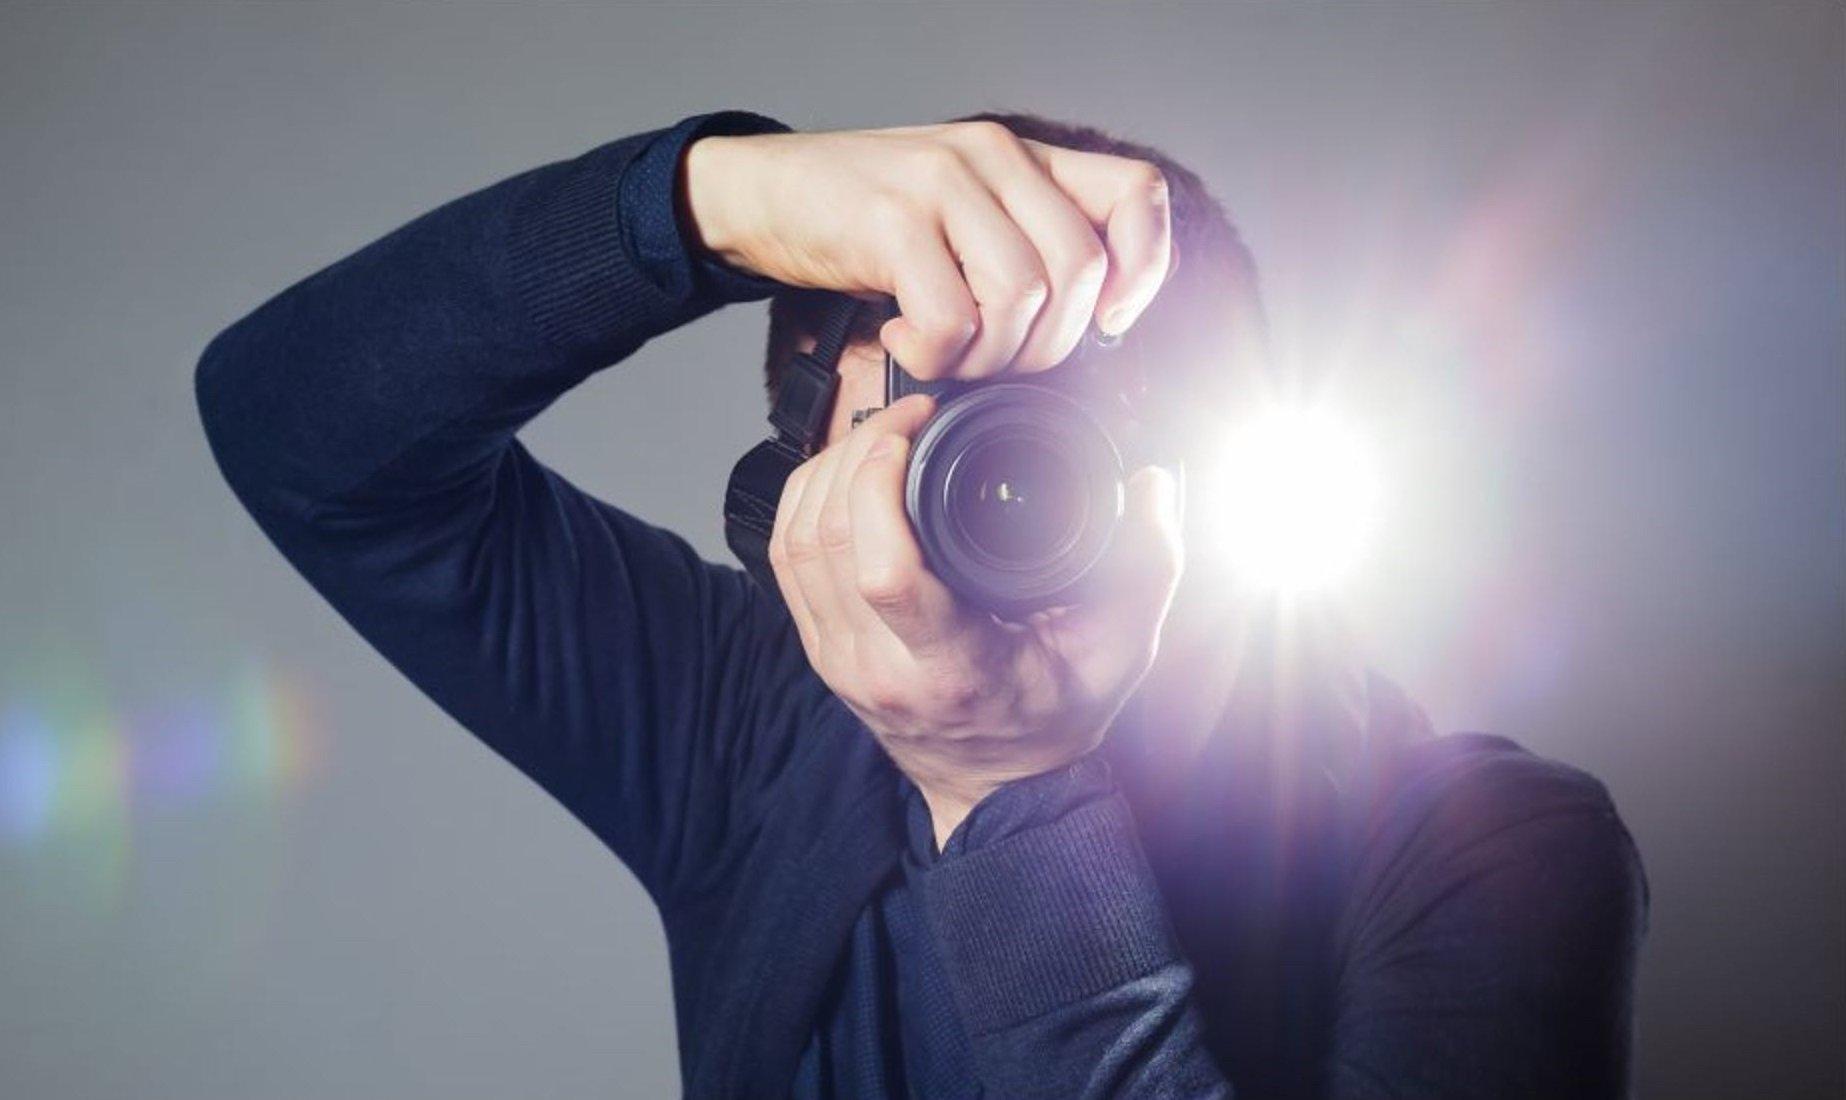 چه زمانی در عکاسی باید از فلاش استفاده کنیم؟